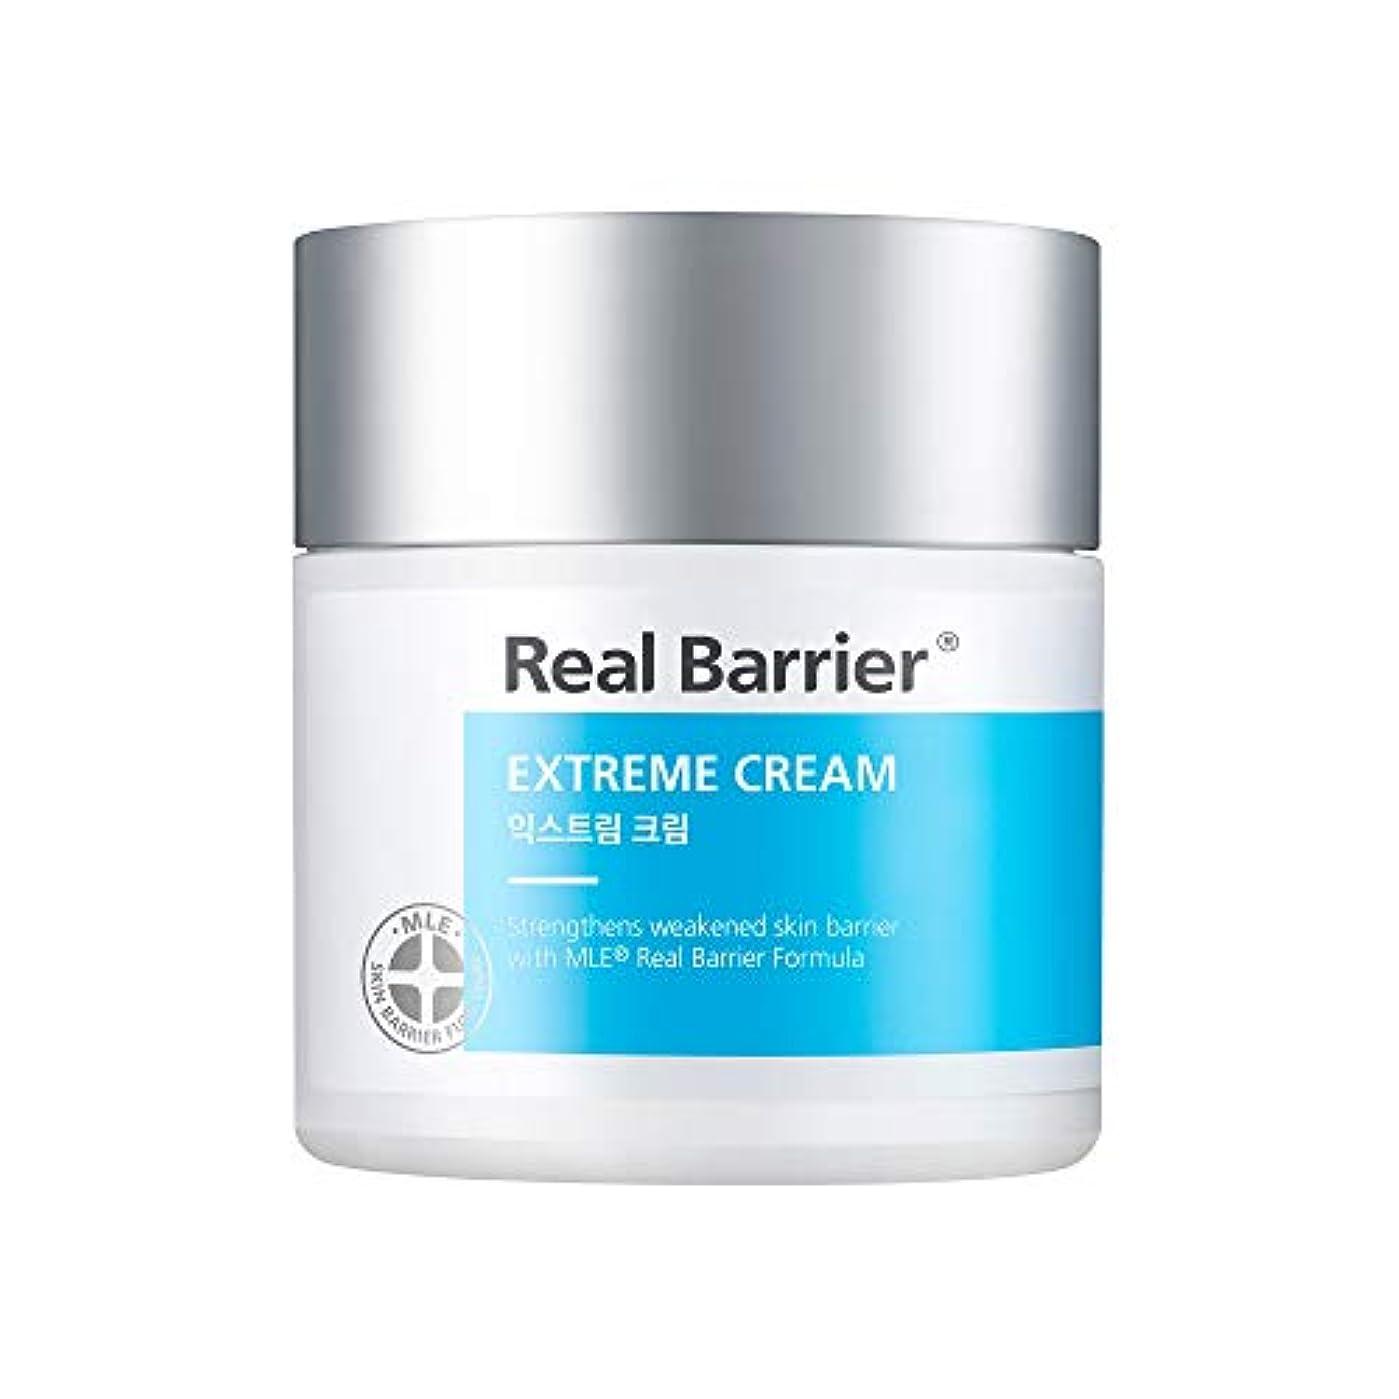 公爵火星親指アトパーム(atopalm) リアルベリアエクストリームクリーム/Atopam Real Barrier Extreme Cream